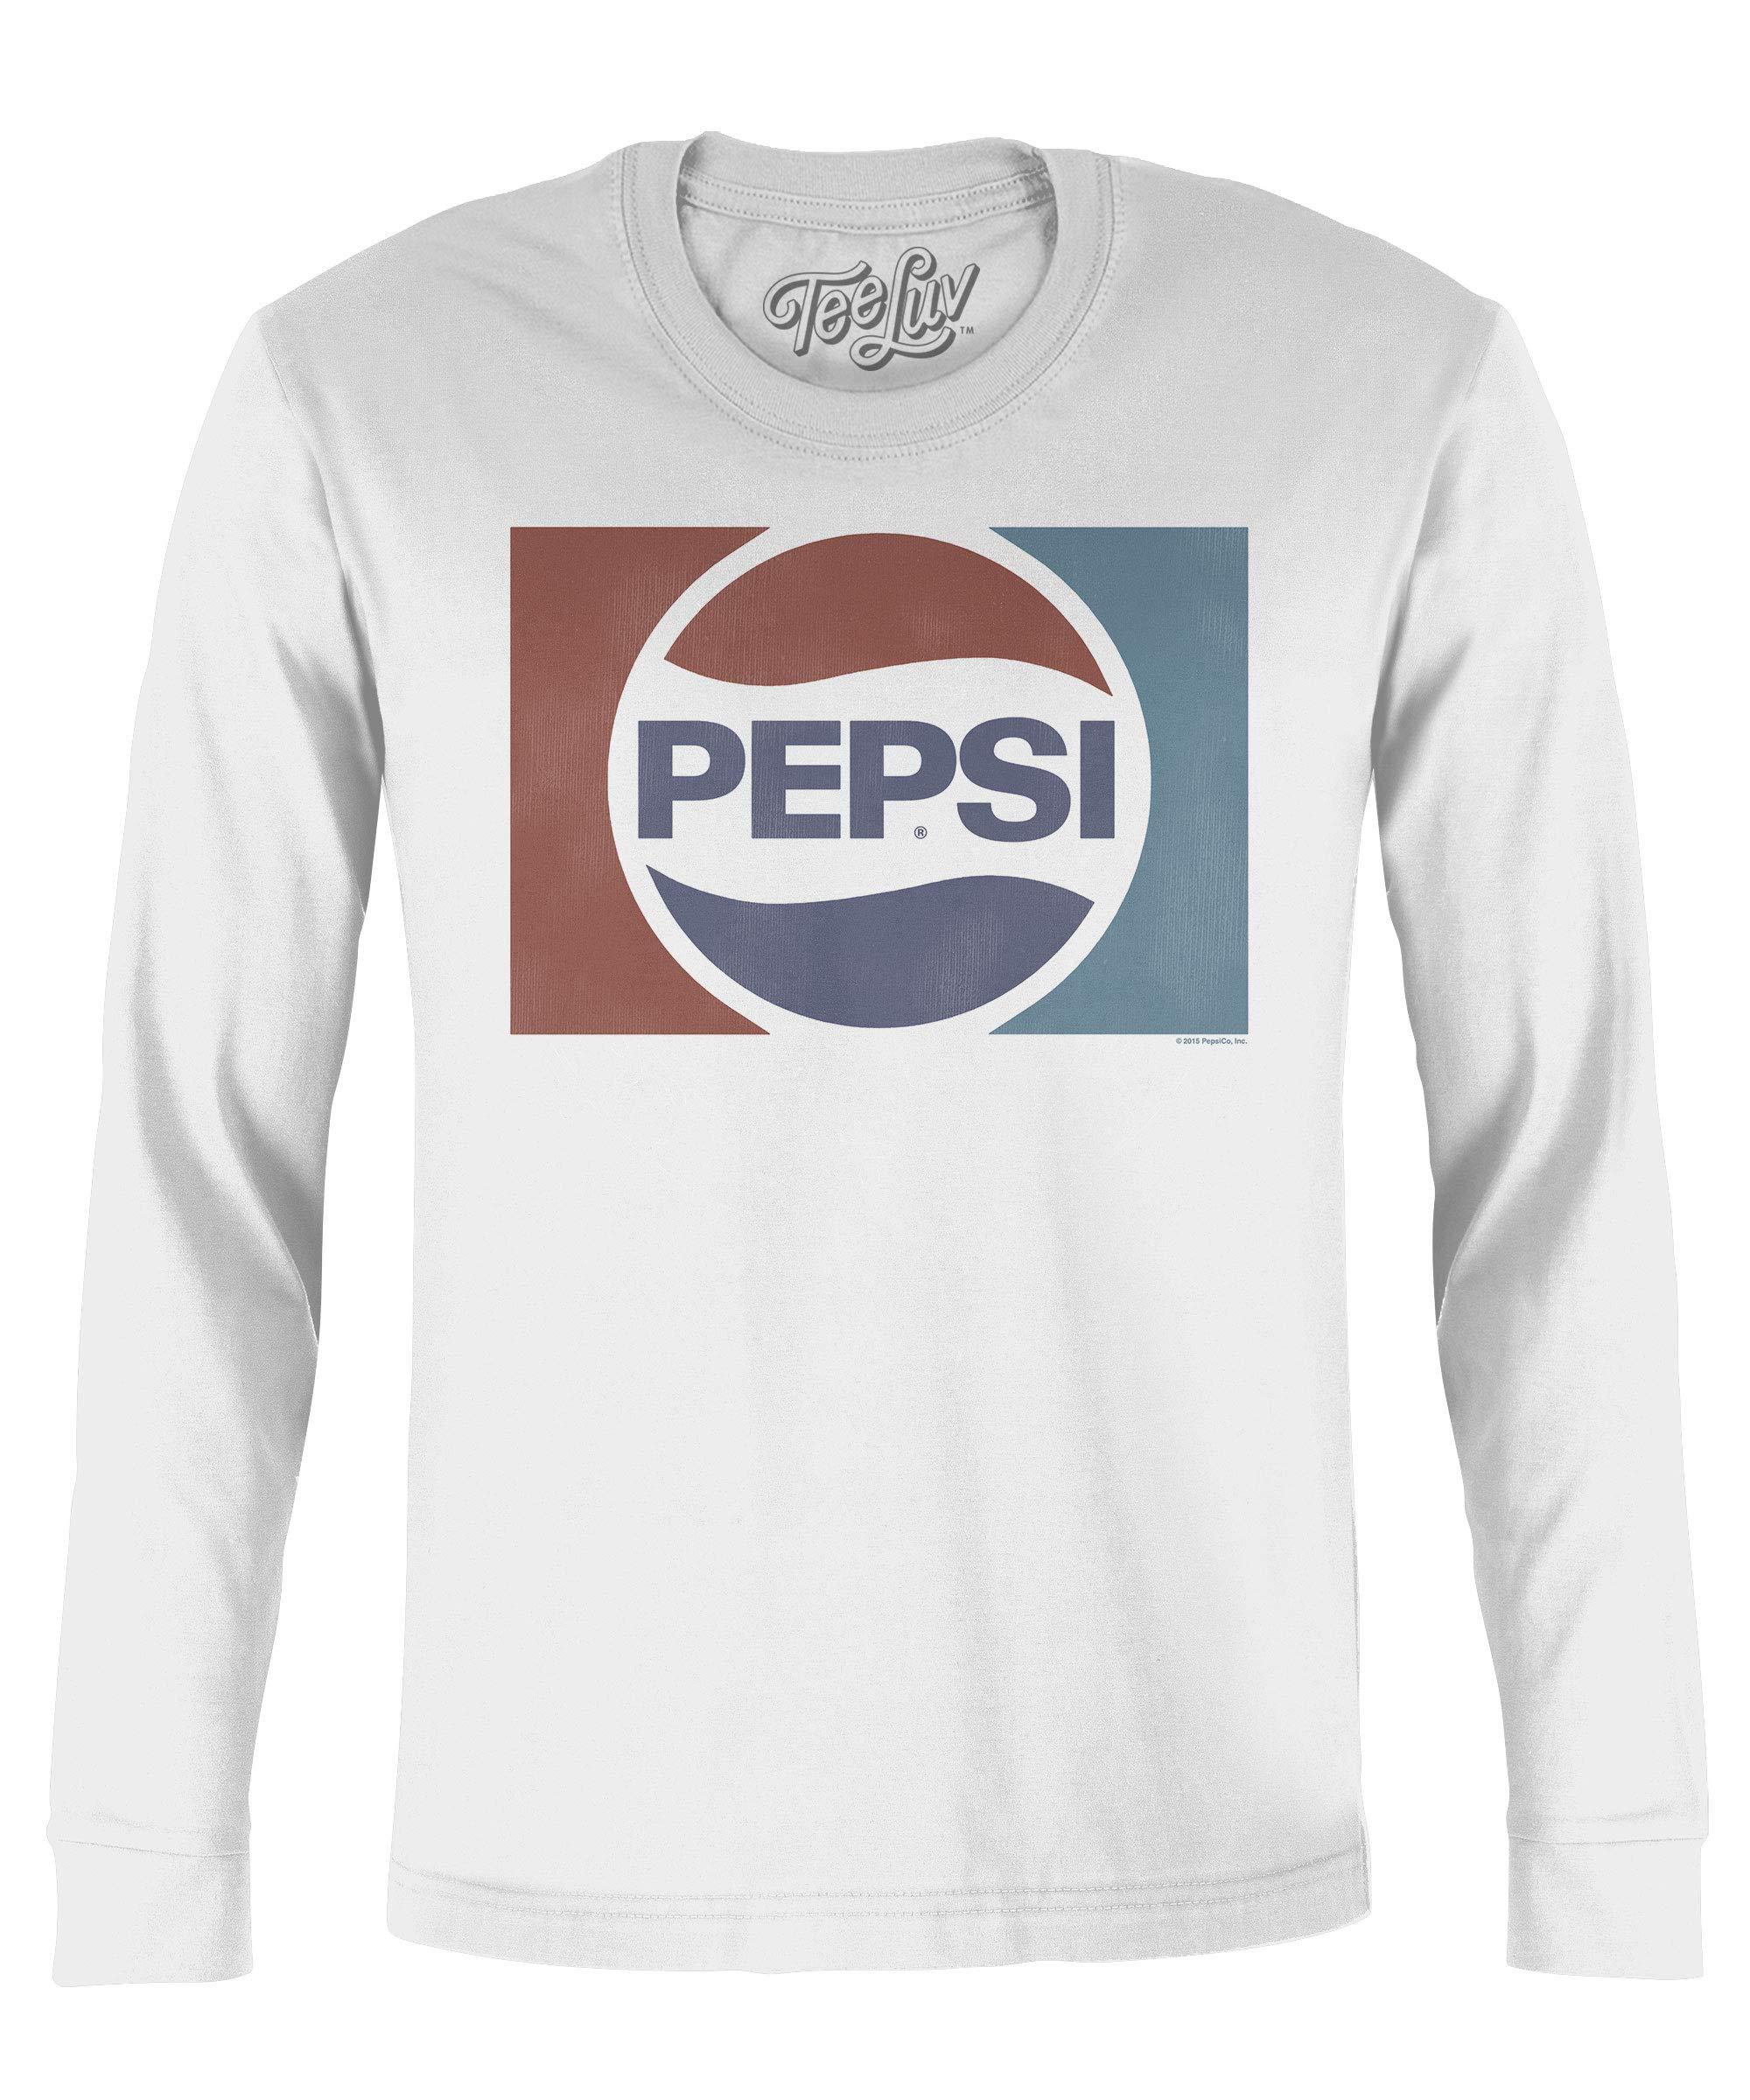 Pepsi Tshirt Classic Pepsi Cola Tshirt